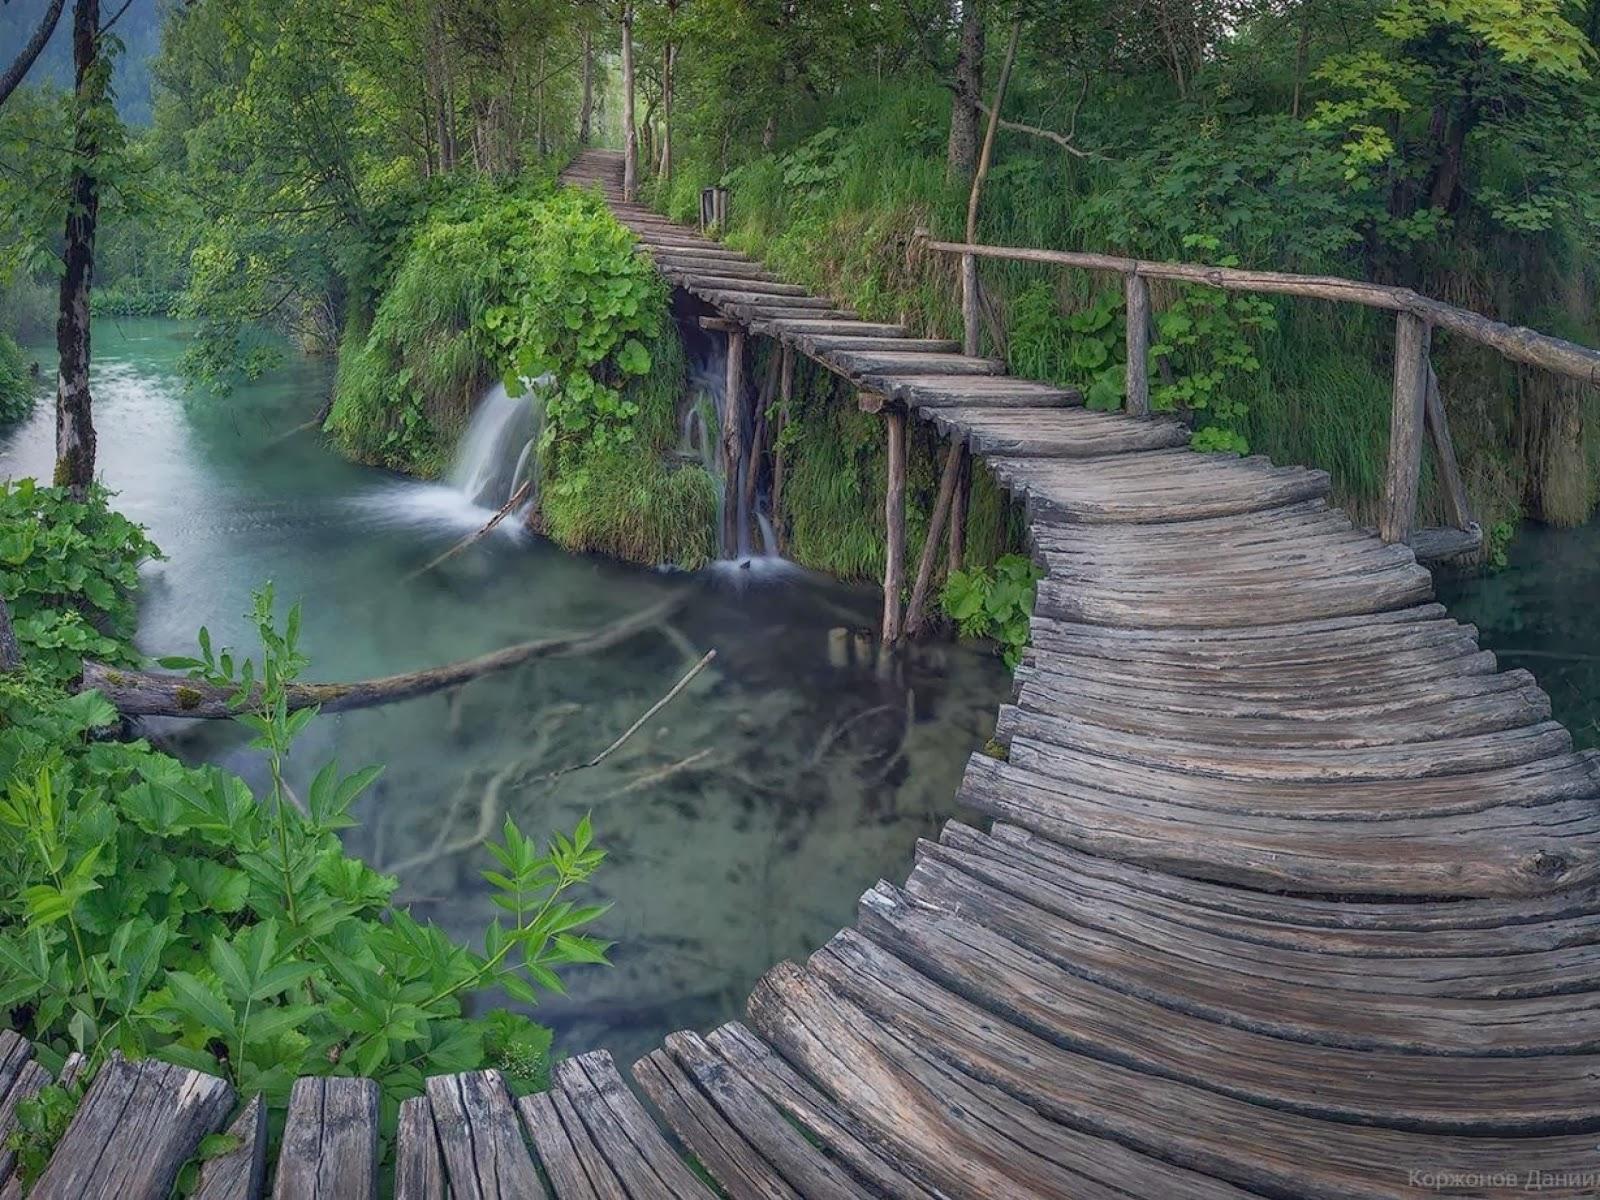 Encantador bosque Puente & Río